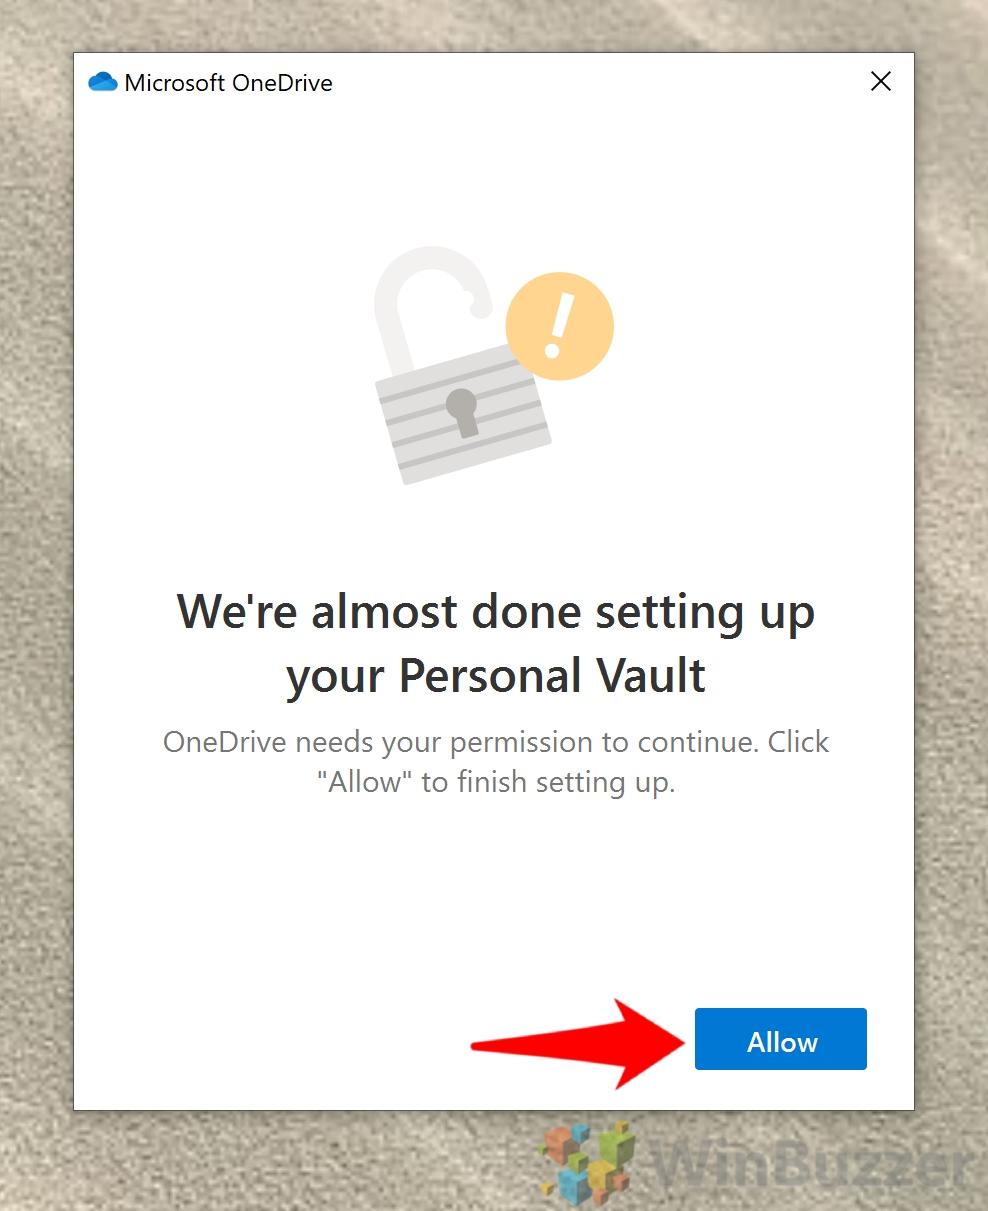 Windows 10 - Open Onedrive Folder - Open Personal Vault - Next - Allow